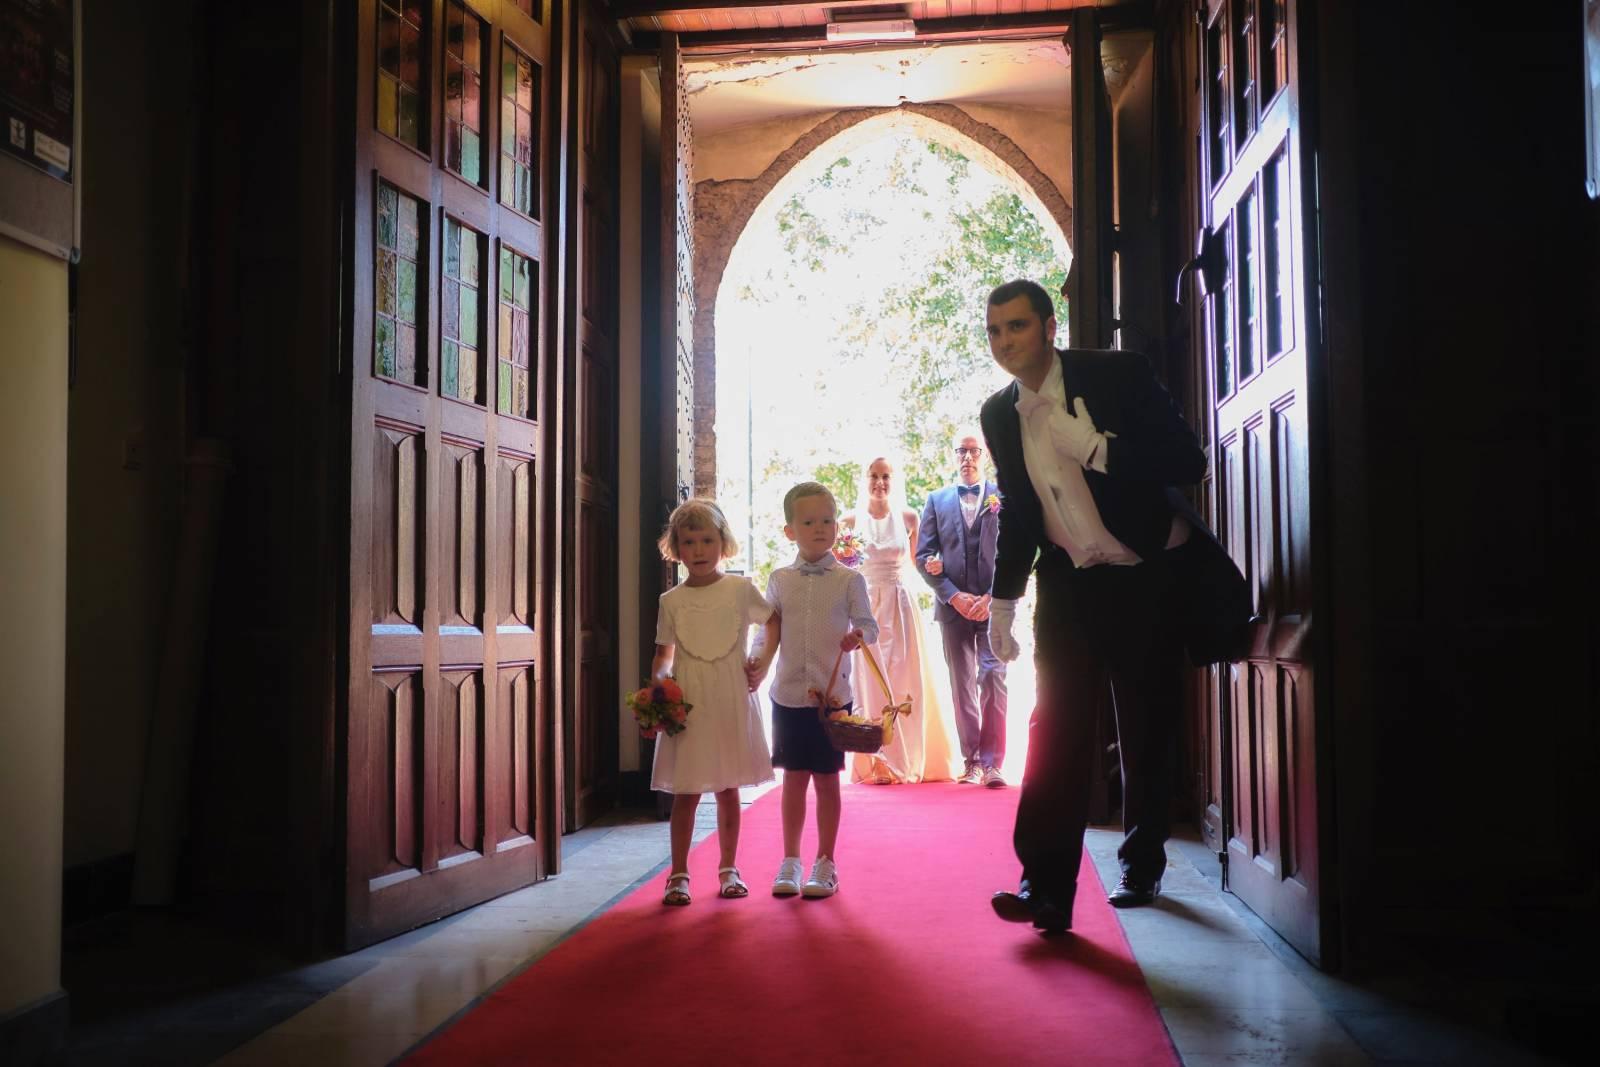 Lamont Ceremonie - Ceremonie - Fotograaf AF Fotografie - House of Weddings - 1